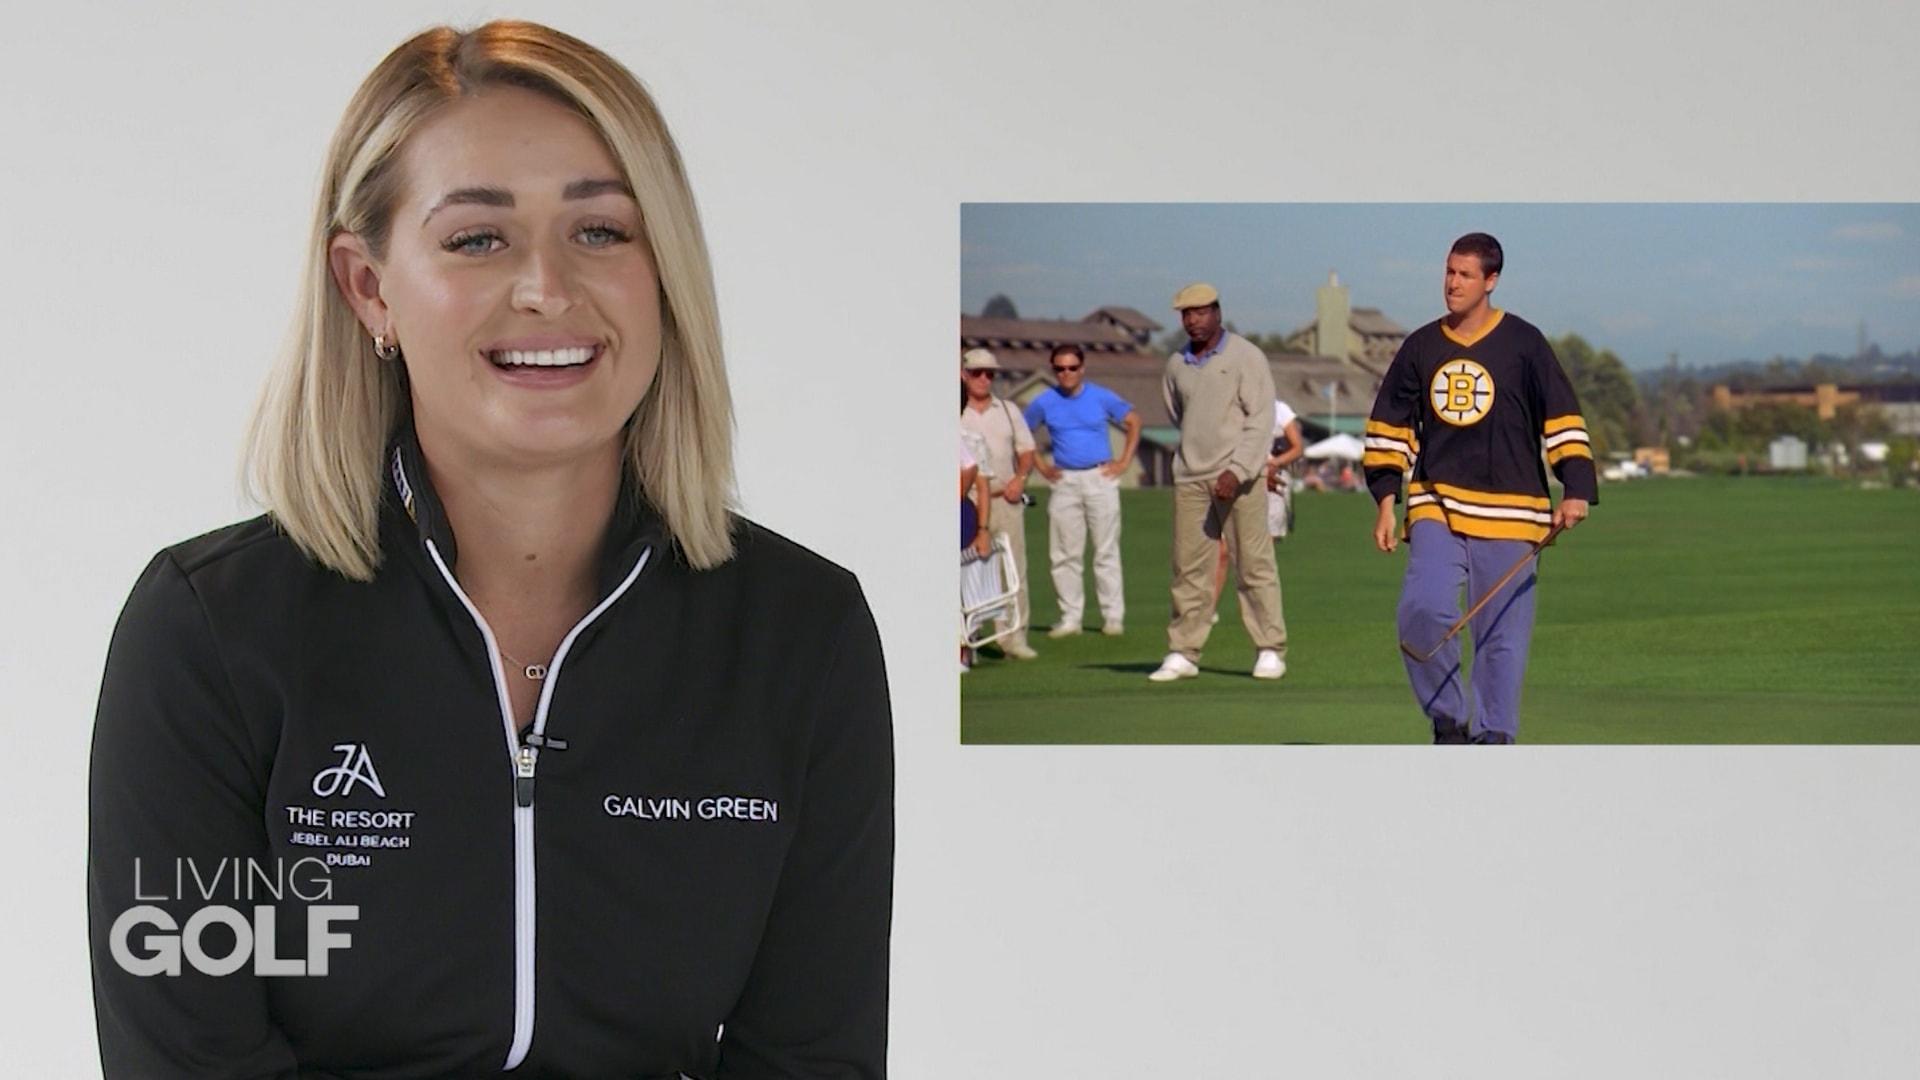 لاعبة تقيم أشهر أفلام الغولف ومدى واقعيتها